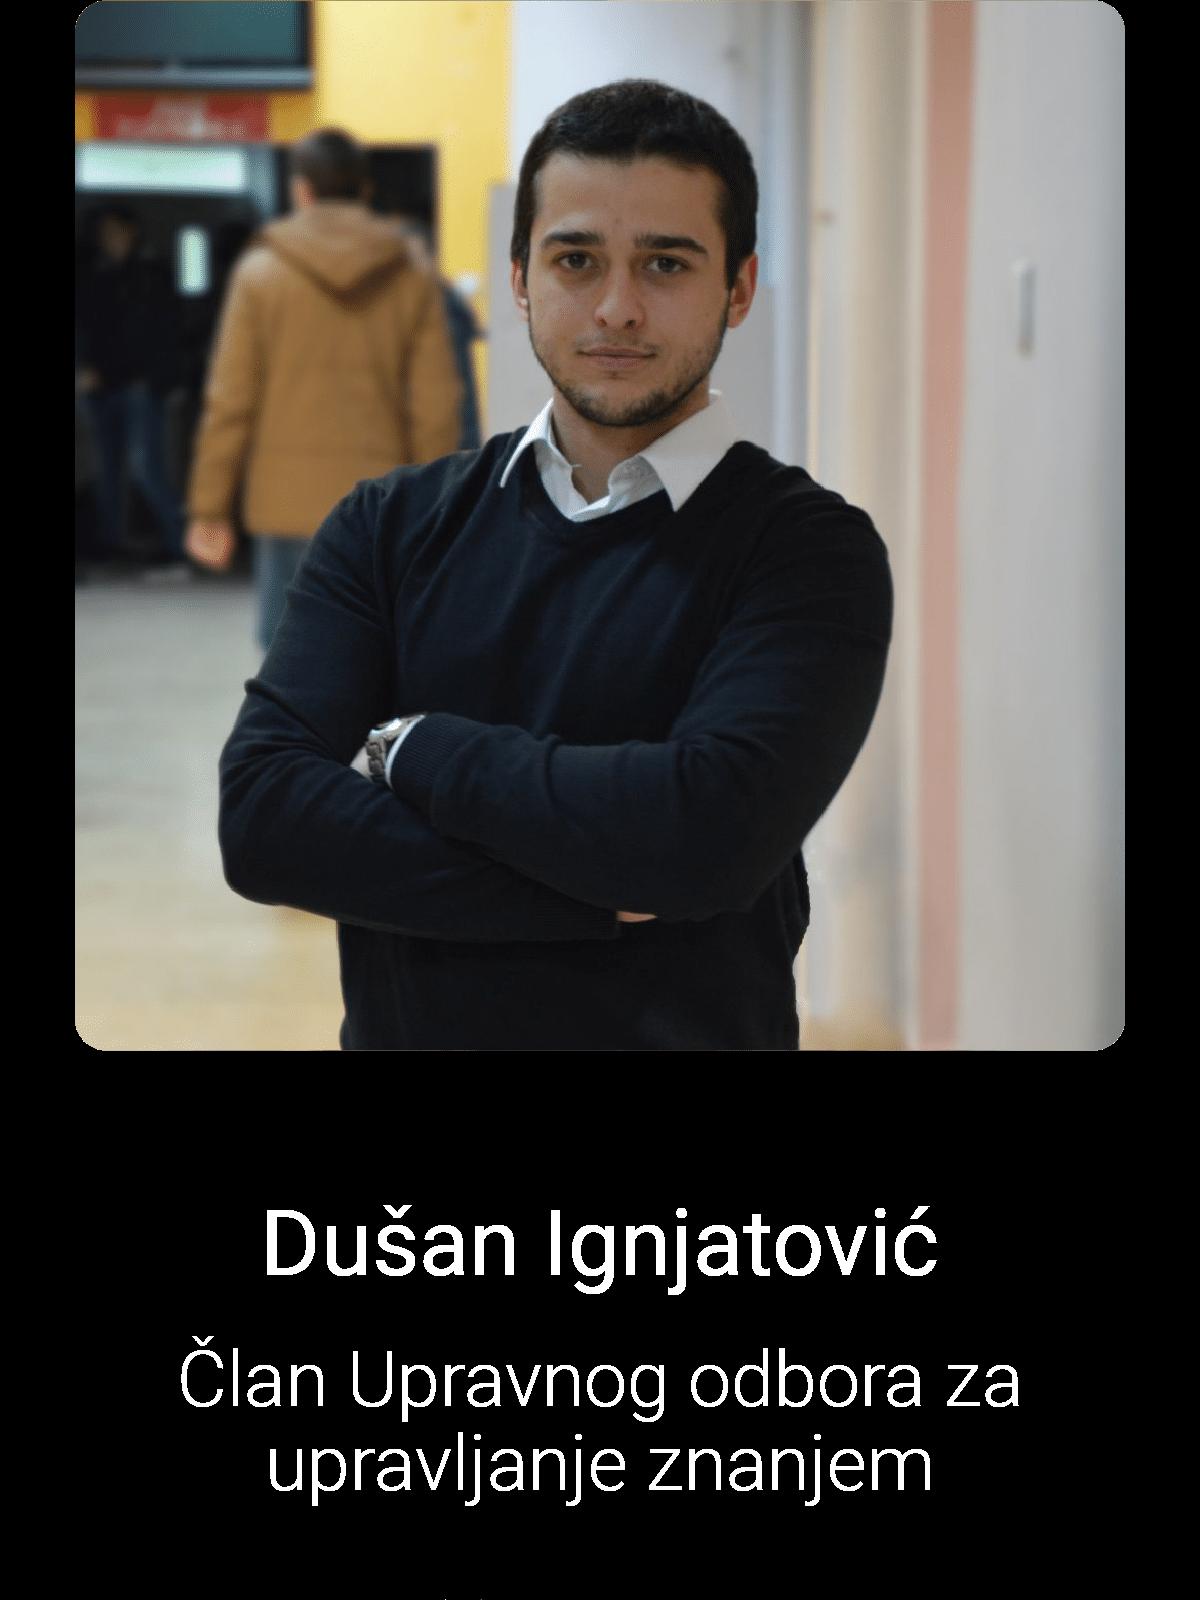 Dušan Ignjatović